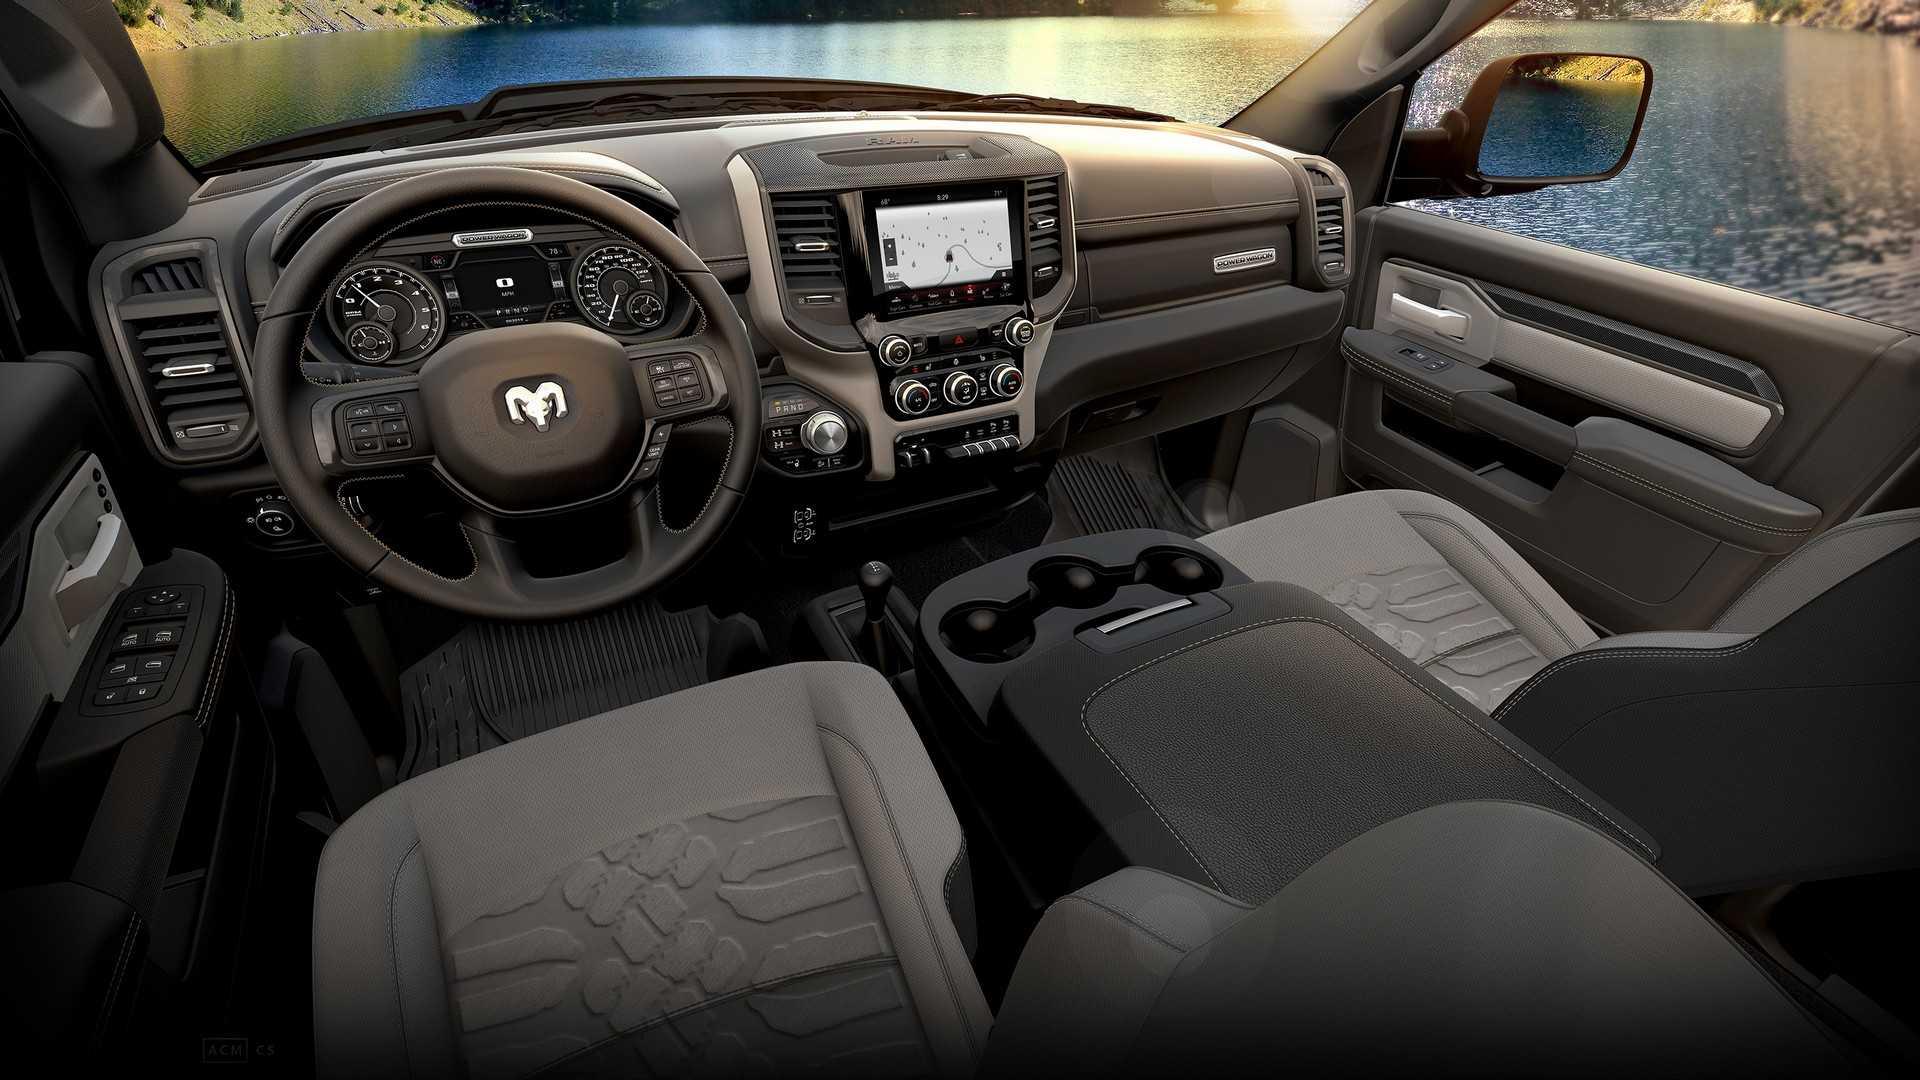 2019-ram-heavy-duty-interior (1)